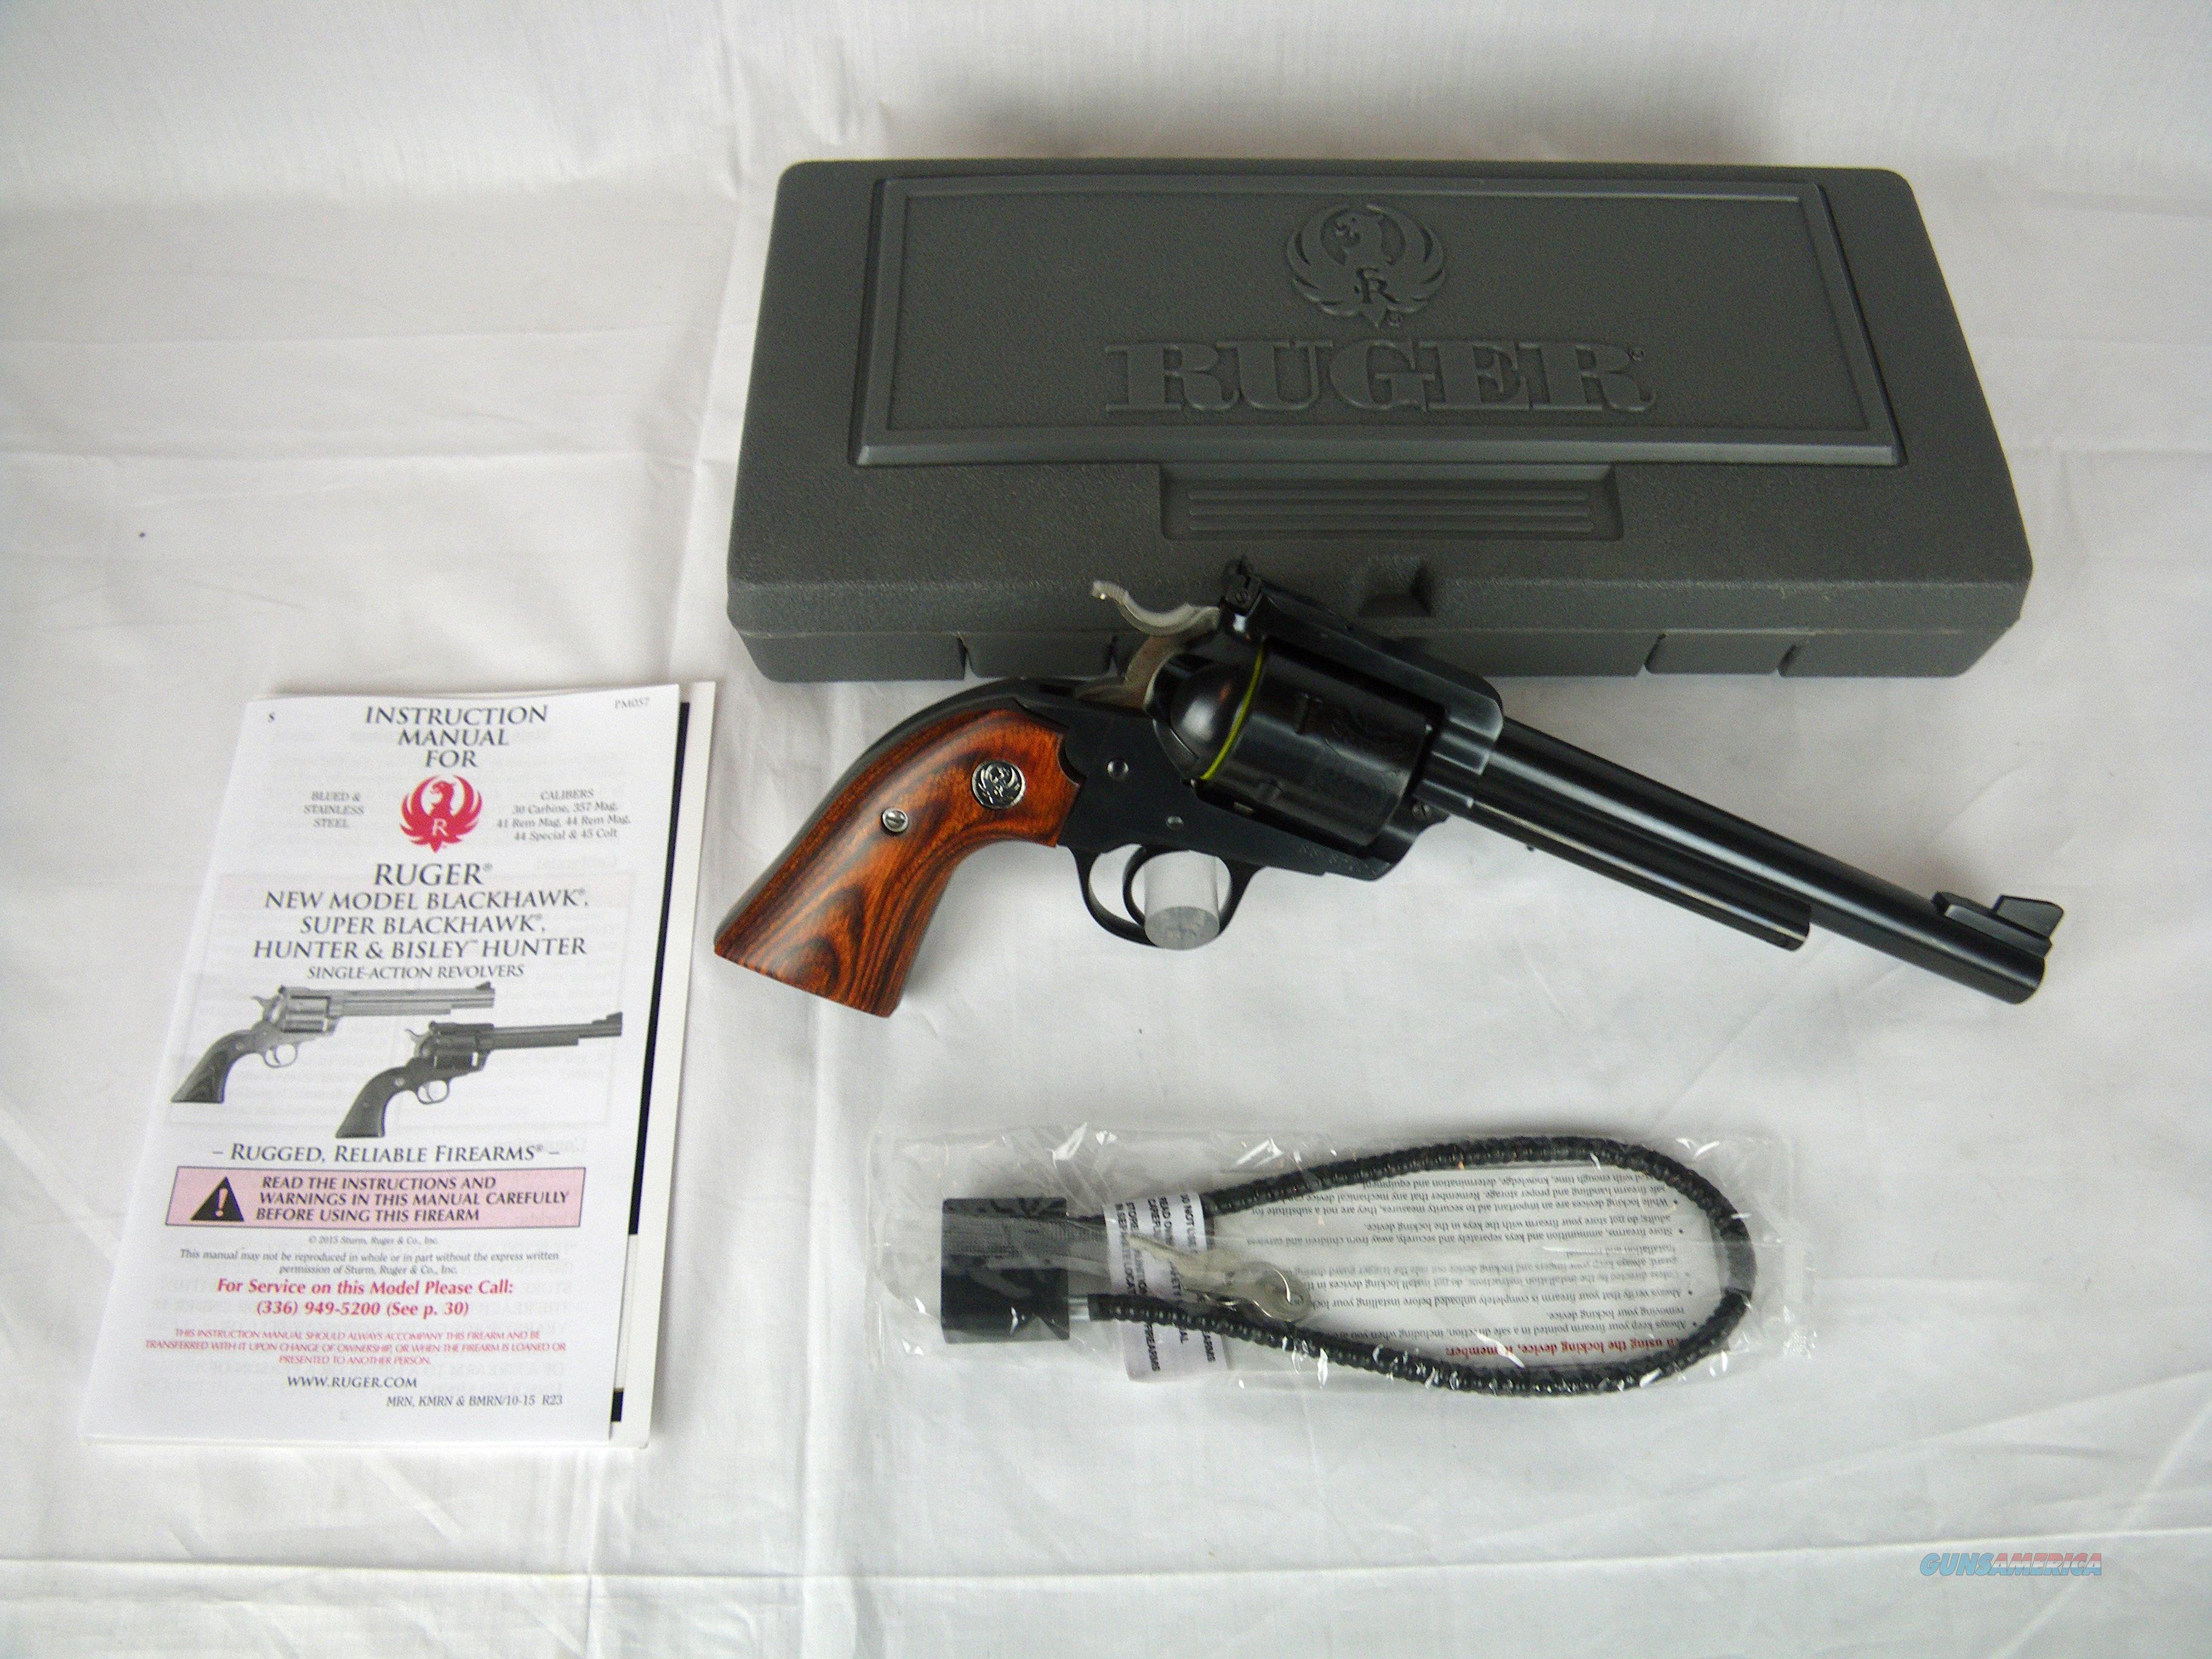 ruger blackhawk new model bisley 44 mag 7 5 ne for sale rh gunsamerica com ruger new model blackhawk instruction manual Ruger New Model Blackhawk Holsters